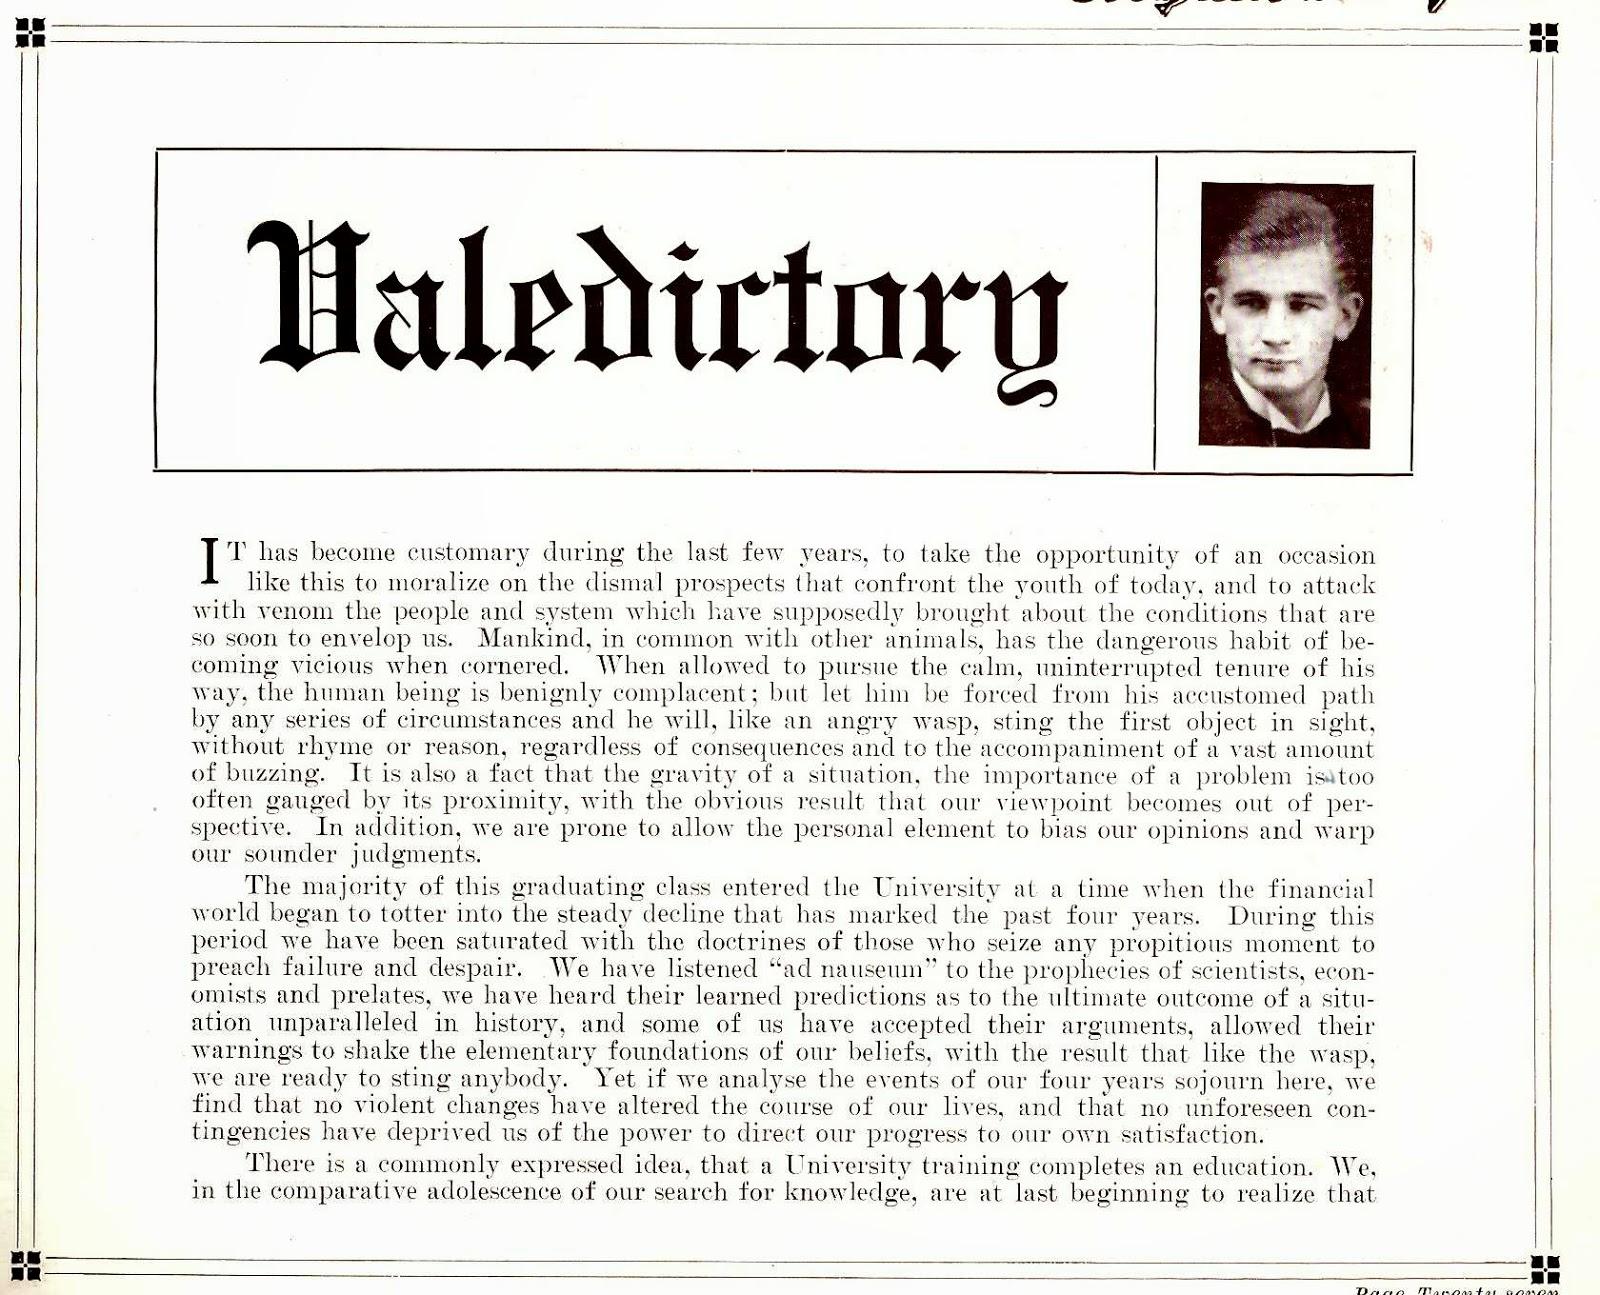 Valedirtory Note from 1932